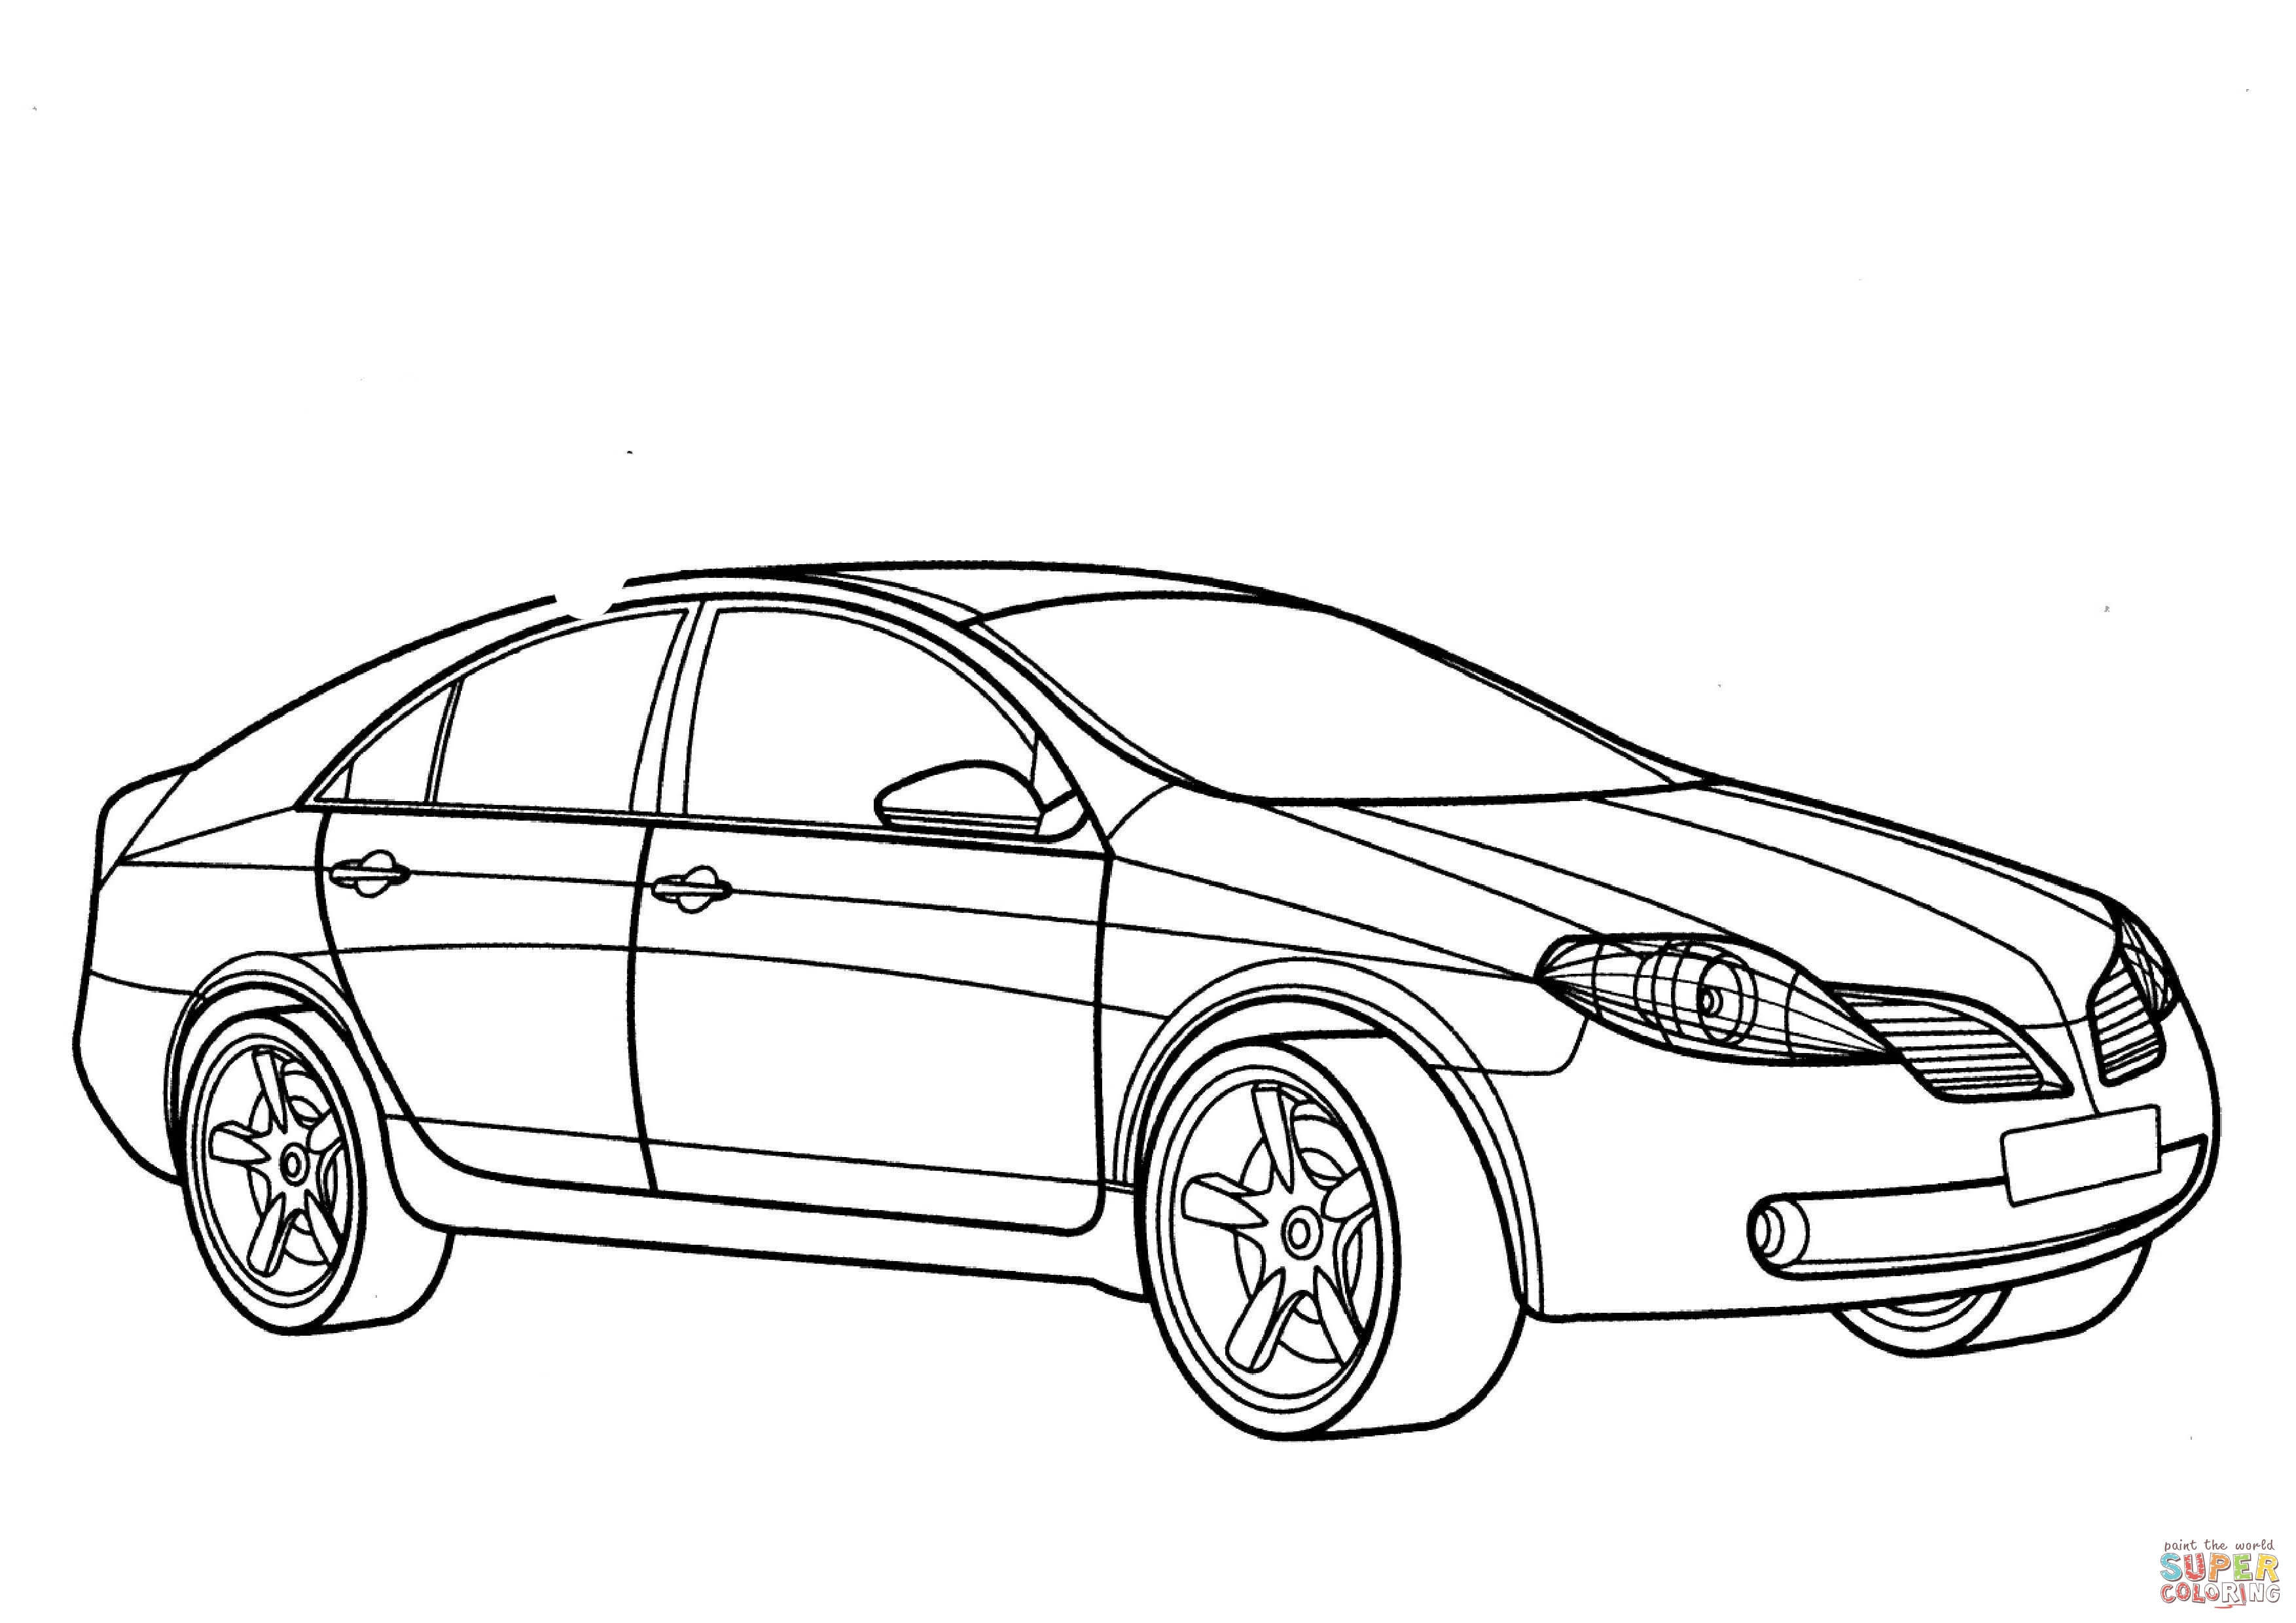 Nissan Primera Coloring Page